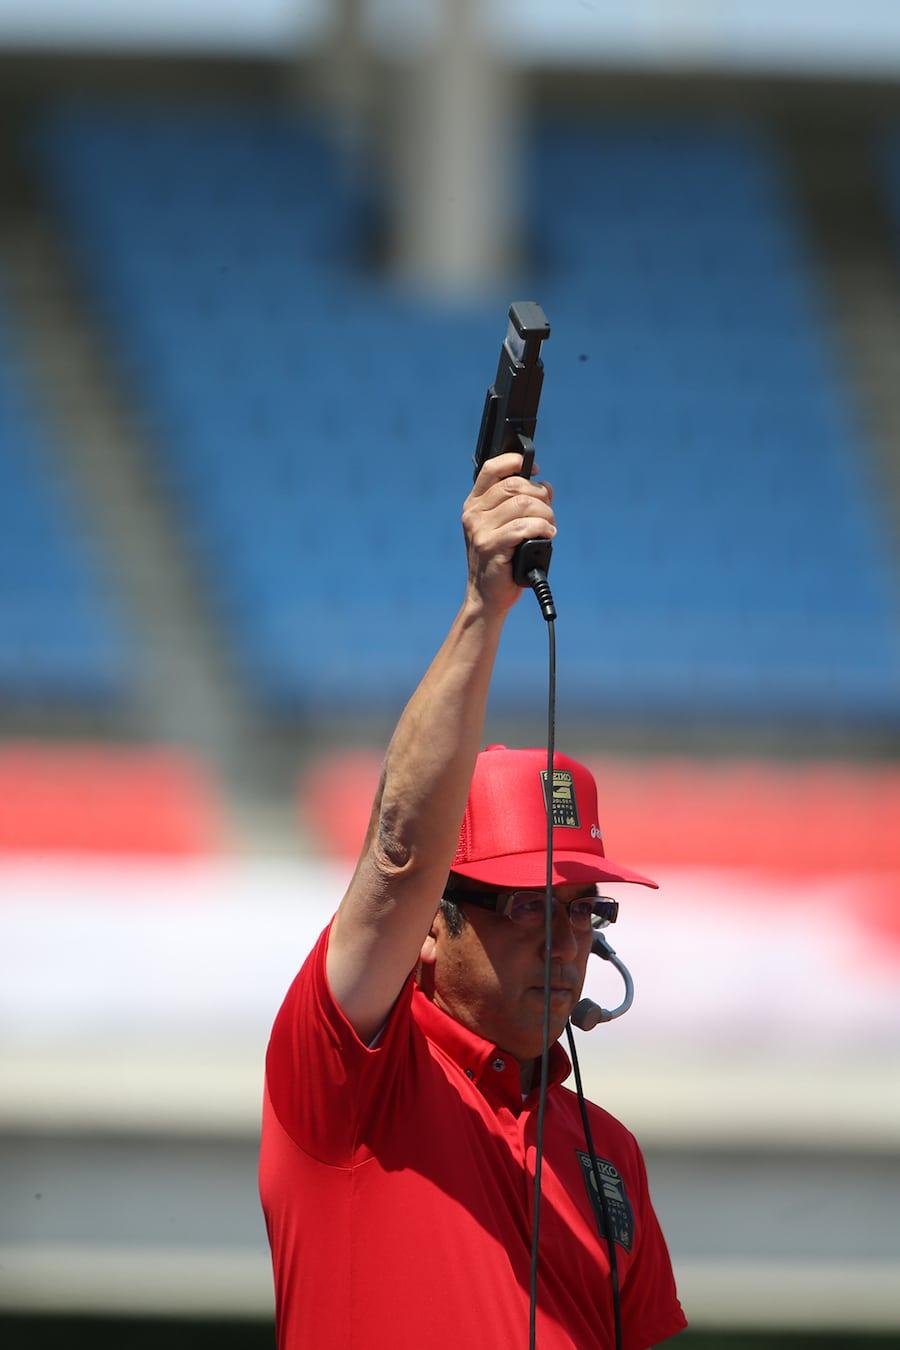 Die Startpistole gibt keinen Ton von sich. Der Knall wird elektronisch per Lautsprecher überall zeitgleich im Stadion verbreitet.